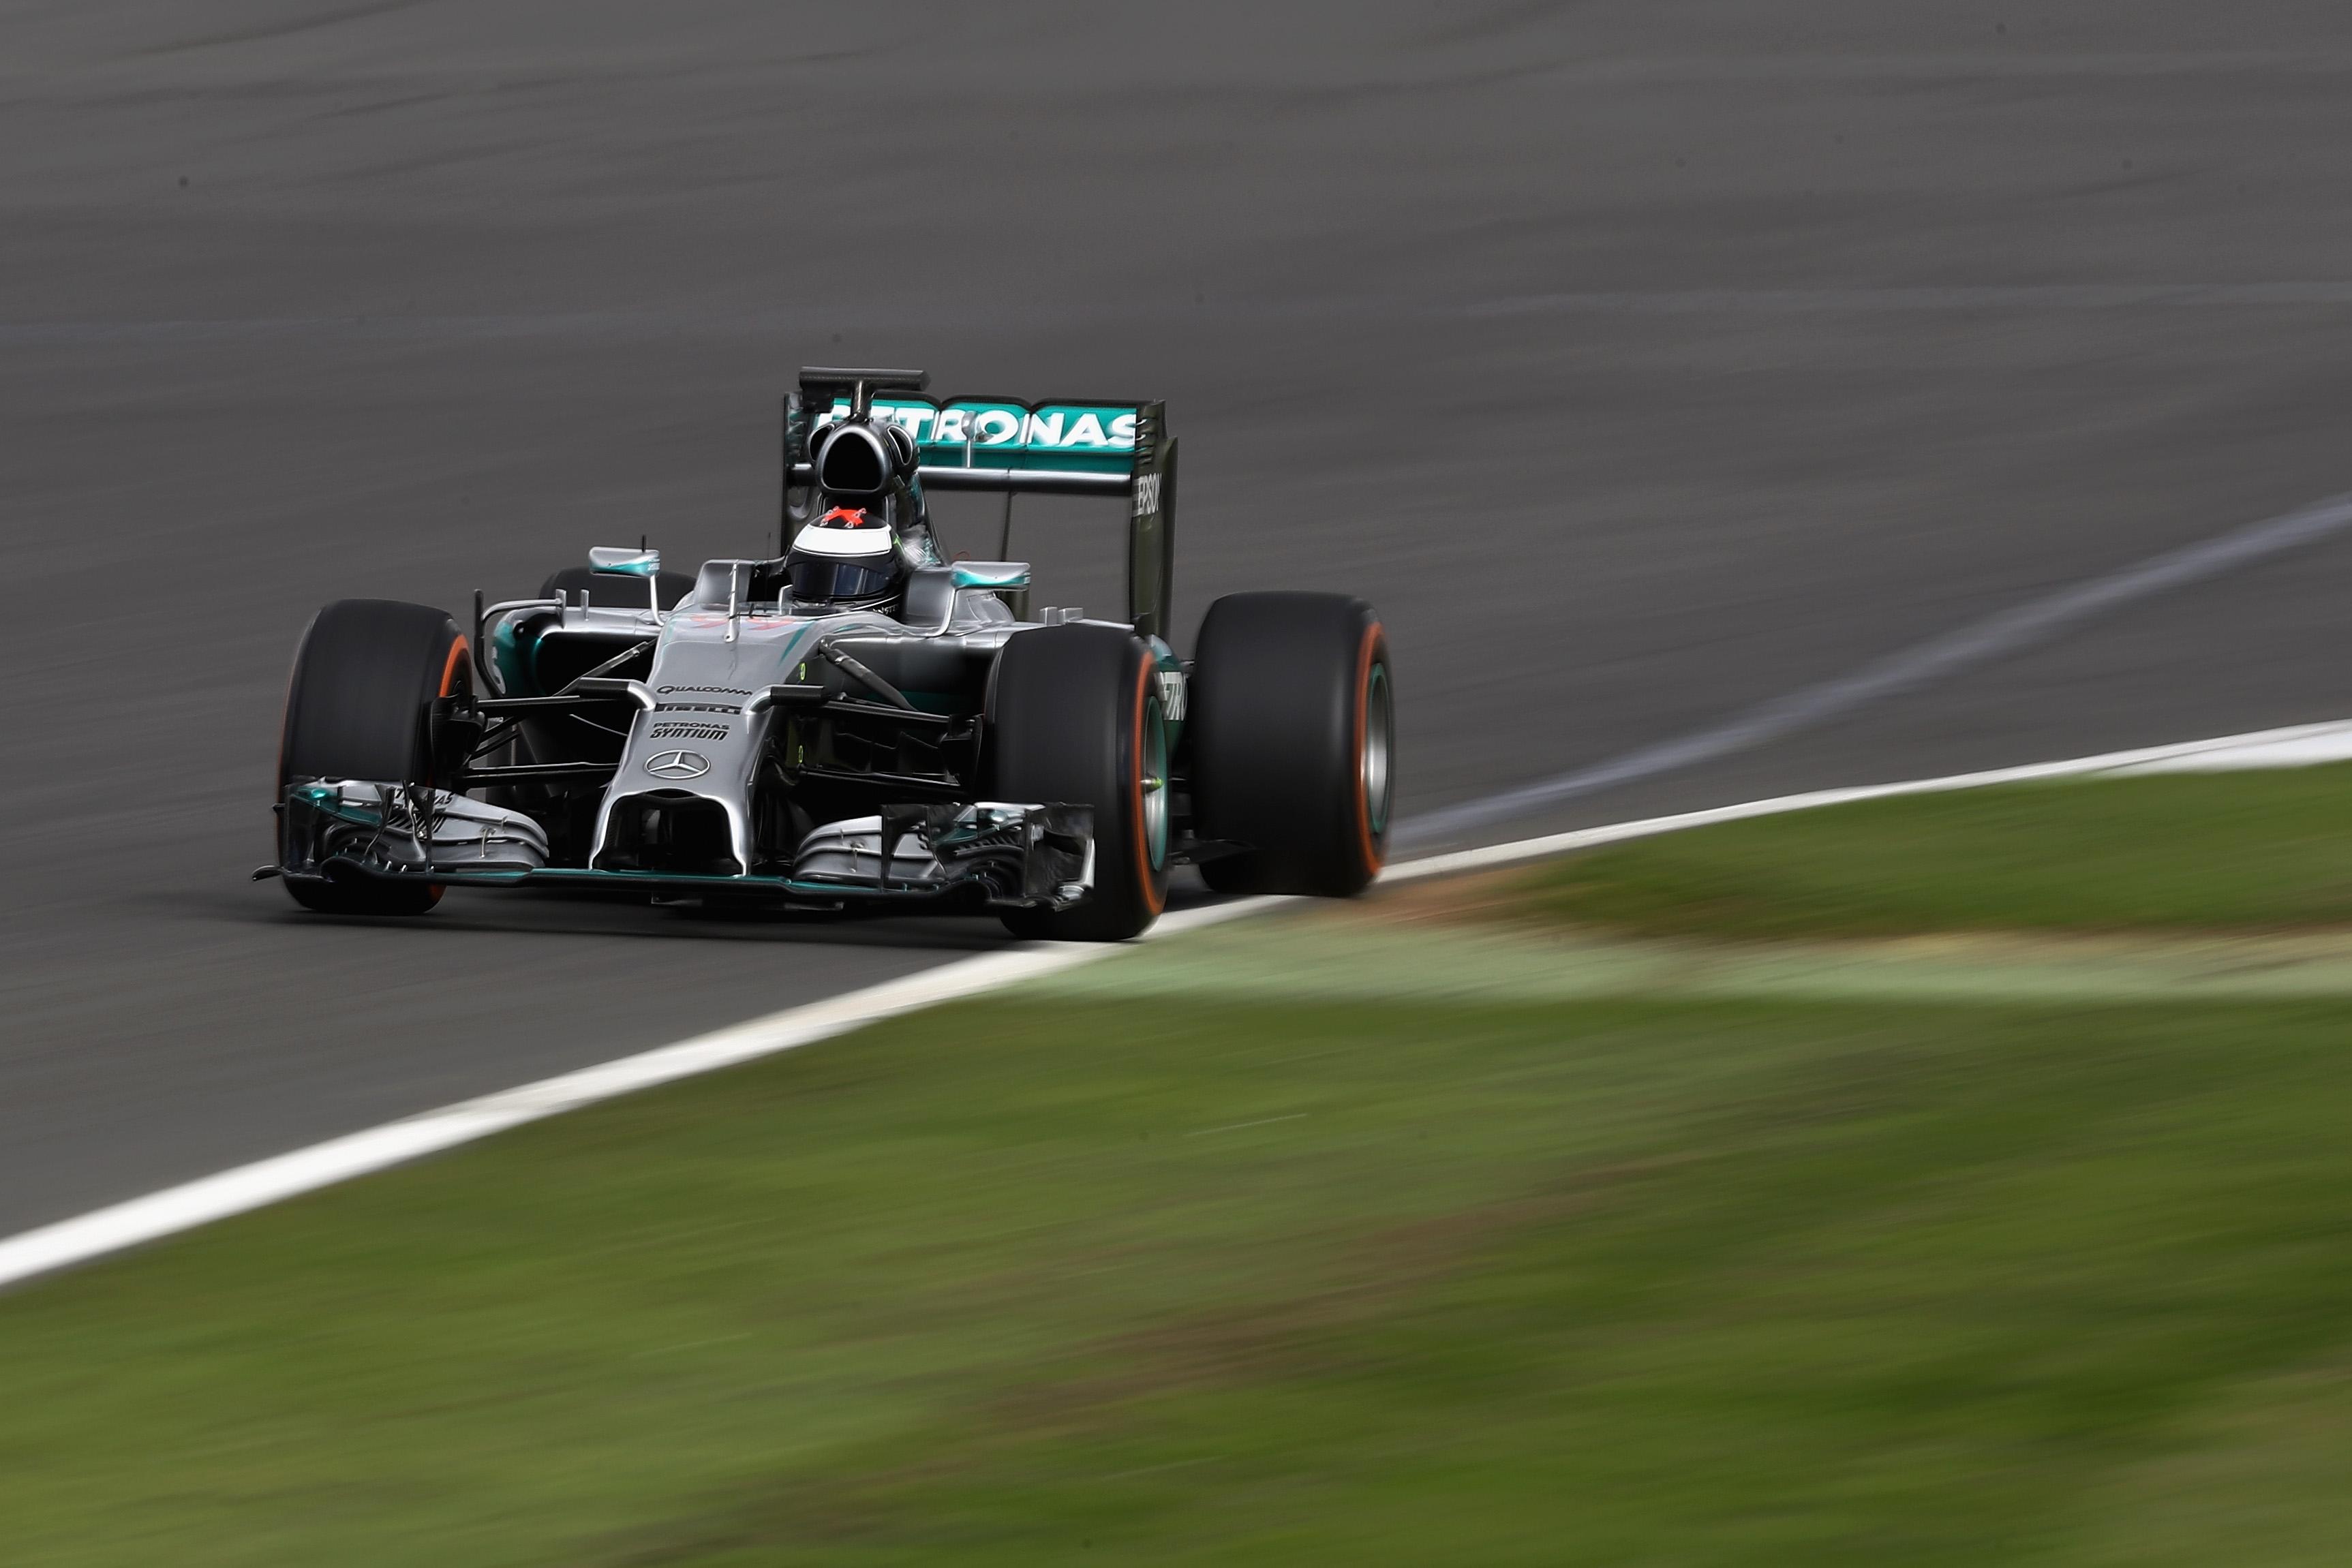 Jorge Lorenzo en el Mercedes Formula 1, el mini-documental de la experiencia